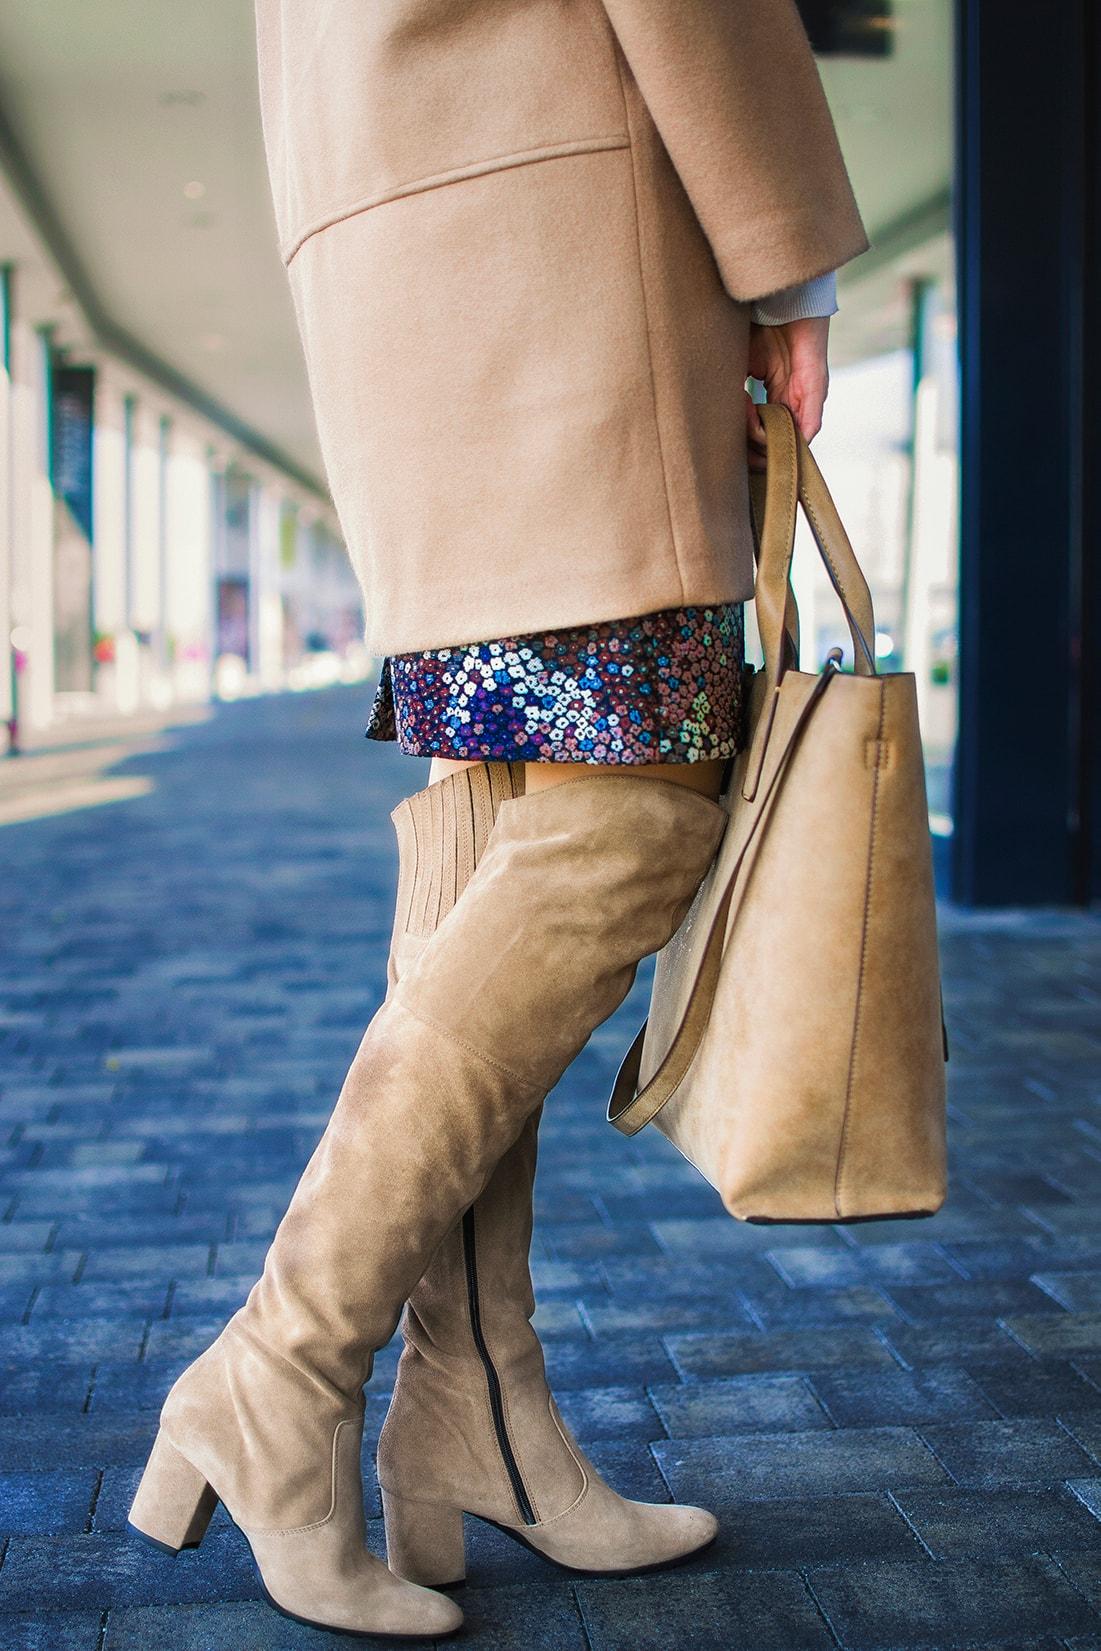 NADKOLENNÉ ČIŽMY. POTREBUJEŠ POČUŤ EŠTE VIAC?_Katharine-fashion is beautiful_blog 4_Béžový kabát Mango_Béžová kabelka Parfois_Béžové čižmy_Katarína Jakubčová_Fashion blogerka